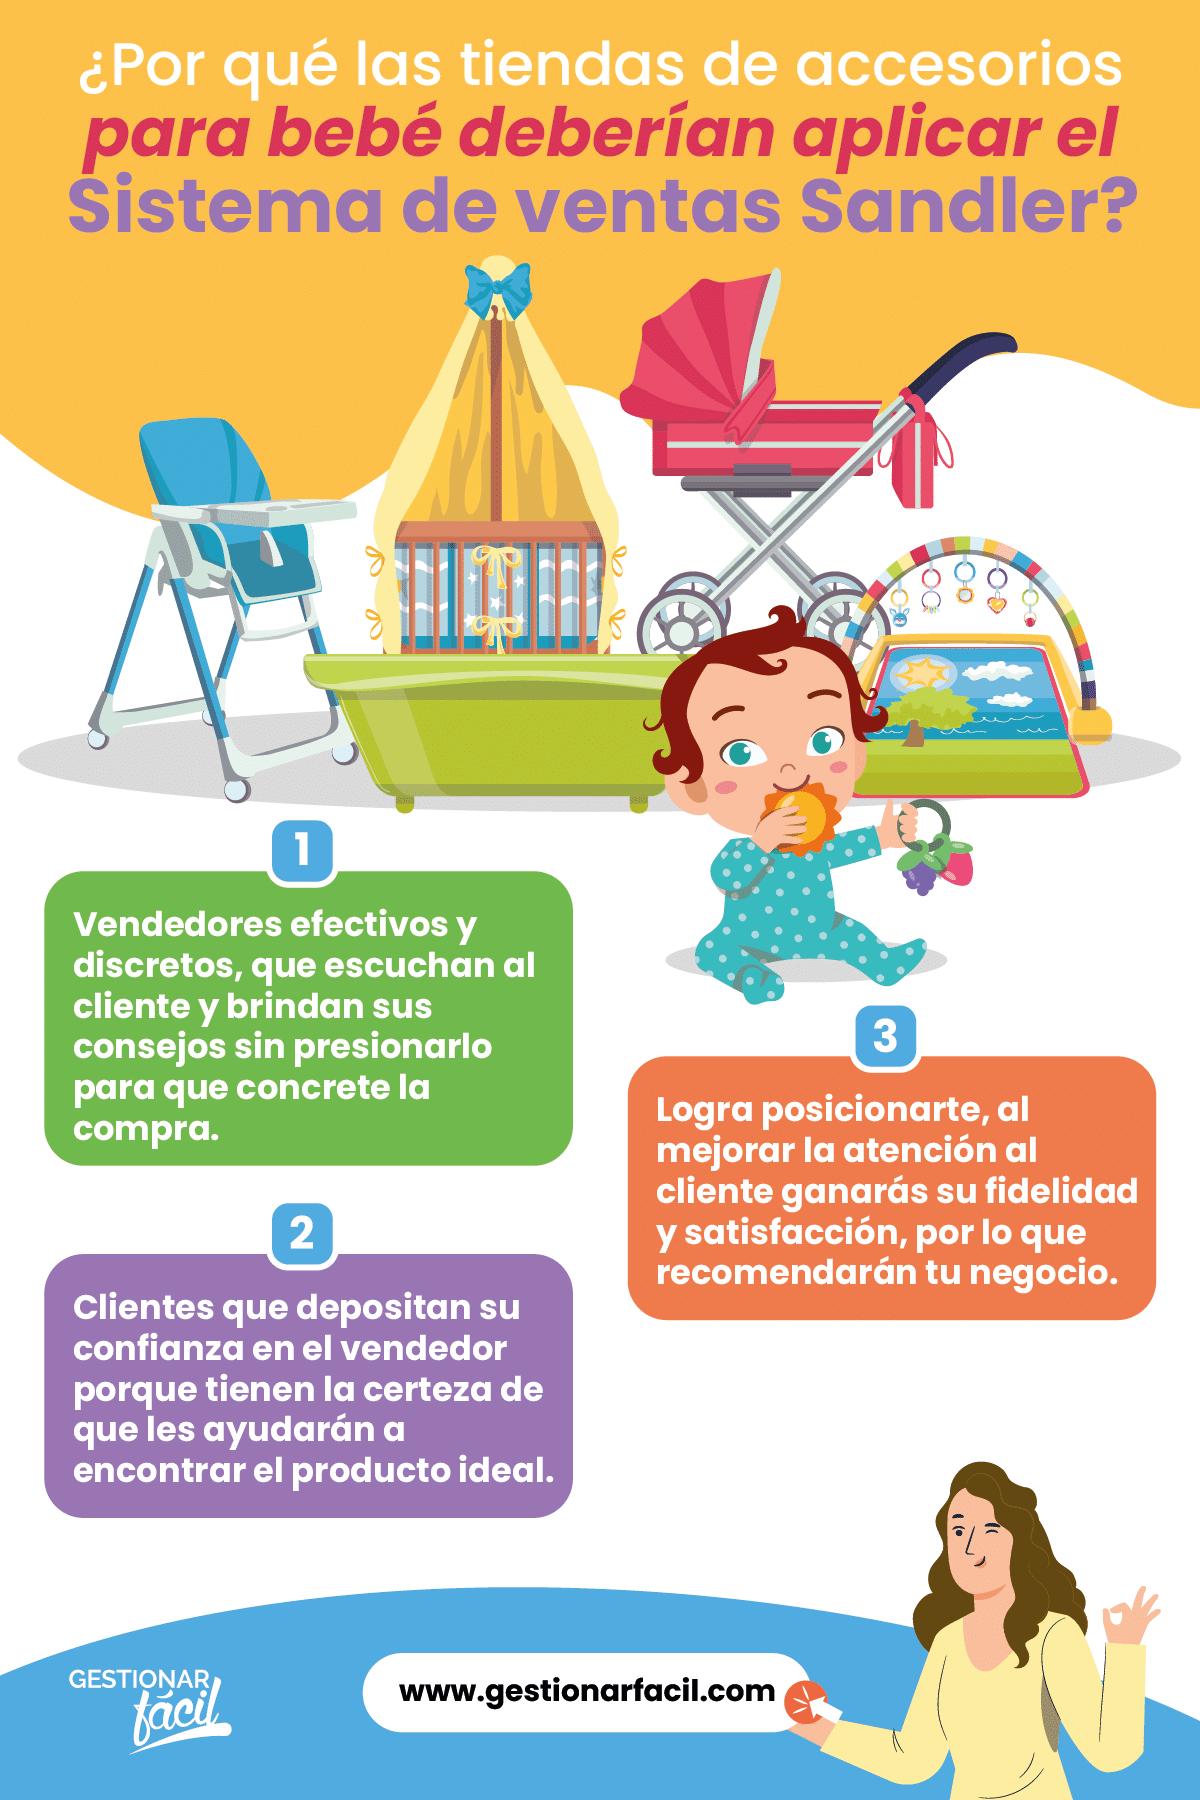 ¿Por qué aplicar el Sistema de ventas Sandler en tiendas de accesorios para bebé?